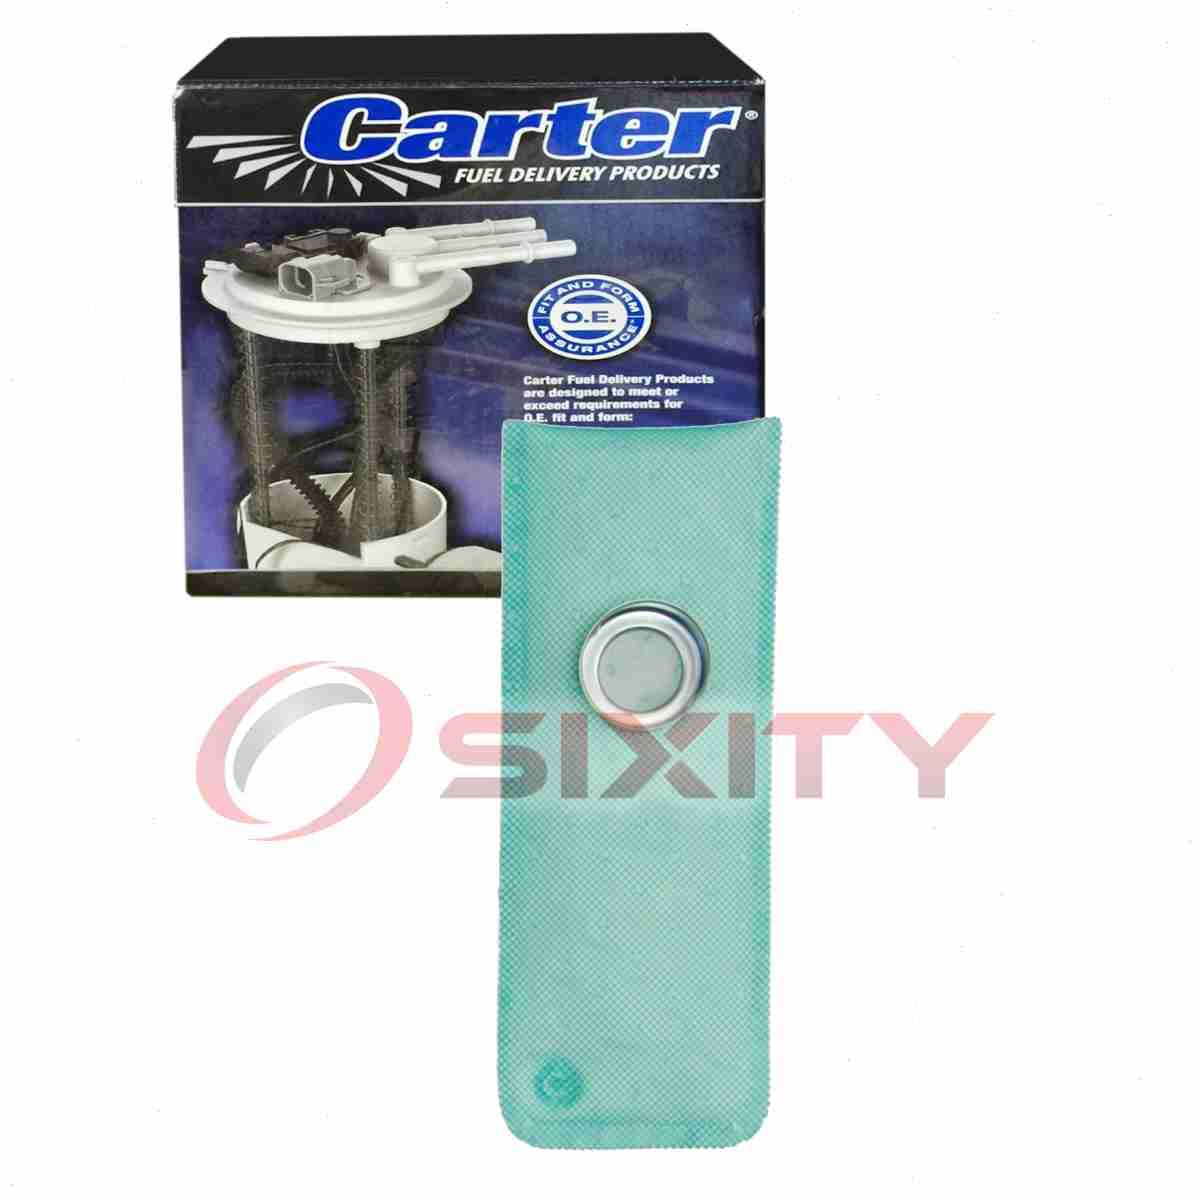 Carter Rear Fuel Pump Strainer for 1986-1989 Ford F-250 4.9L L6 5.0L 5.8L ko